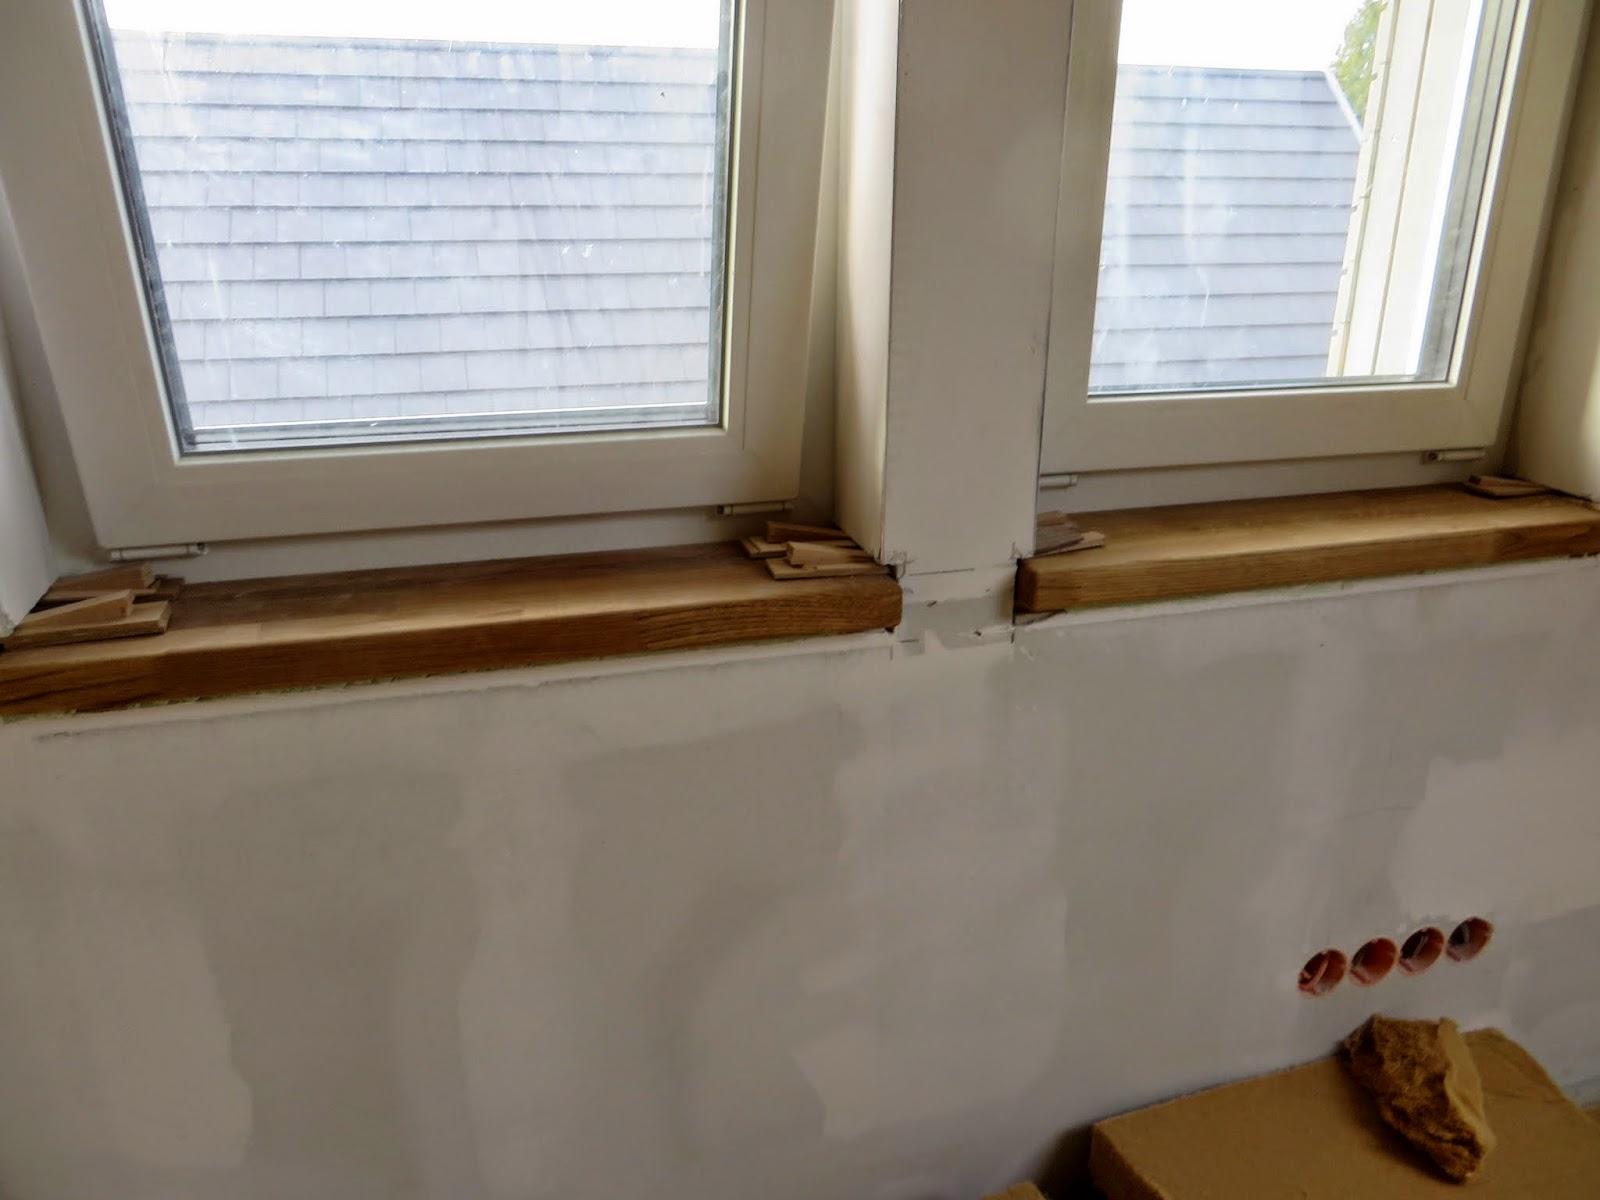 Verführerisch Sitzfensterbank Referenz Von Mit Lehne Bei Kind 1